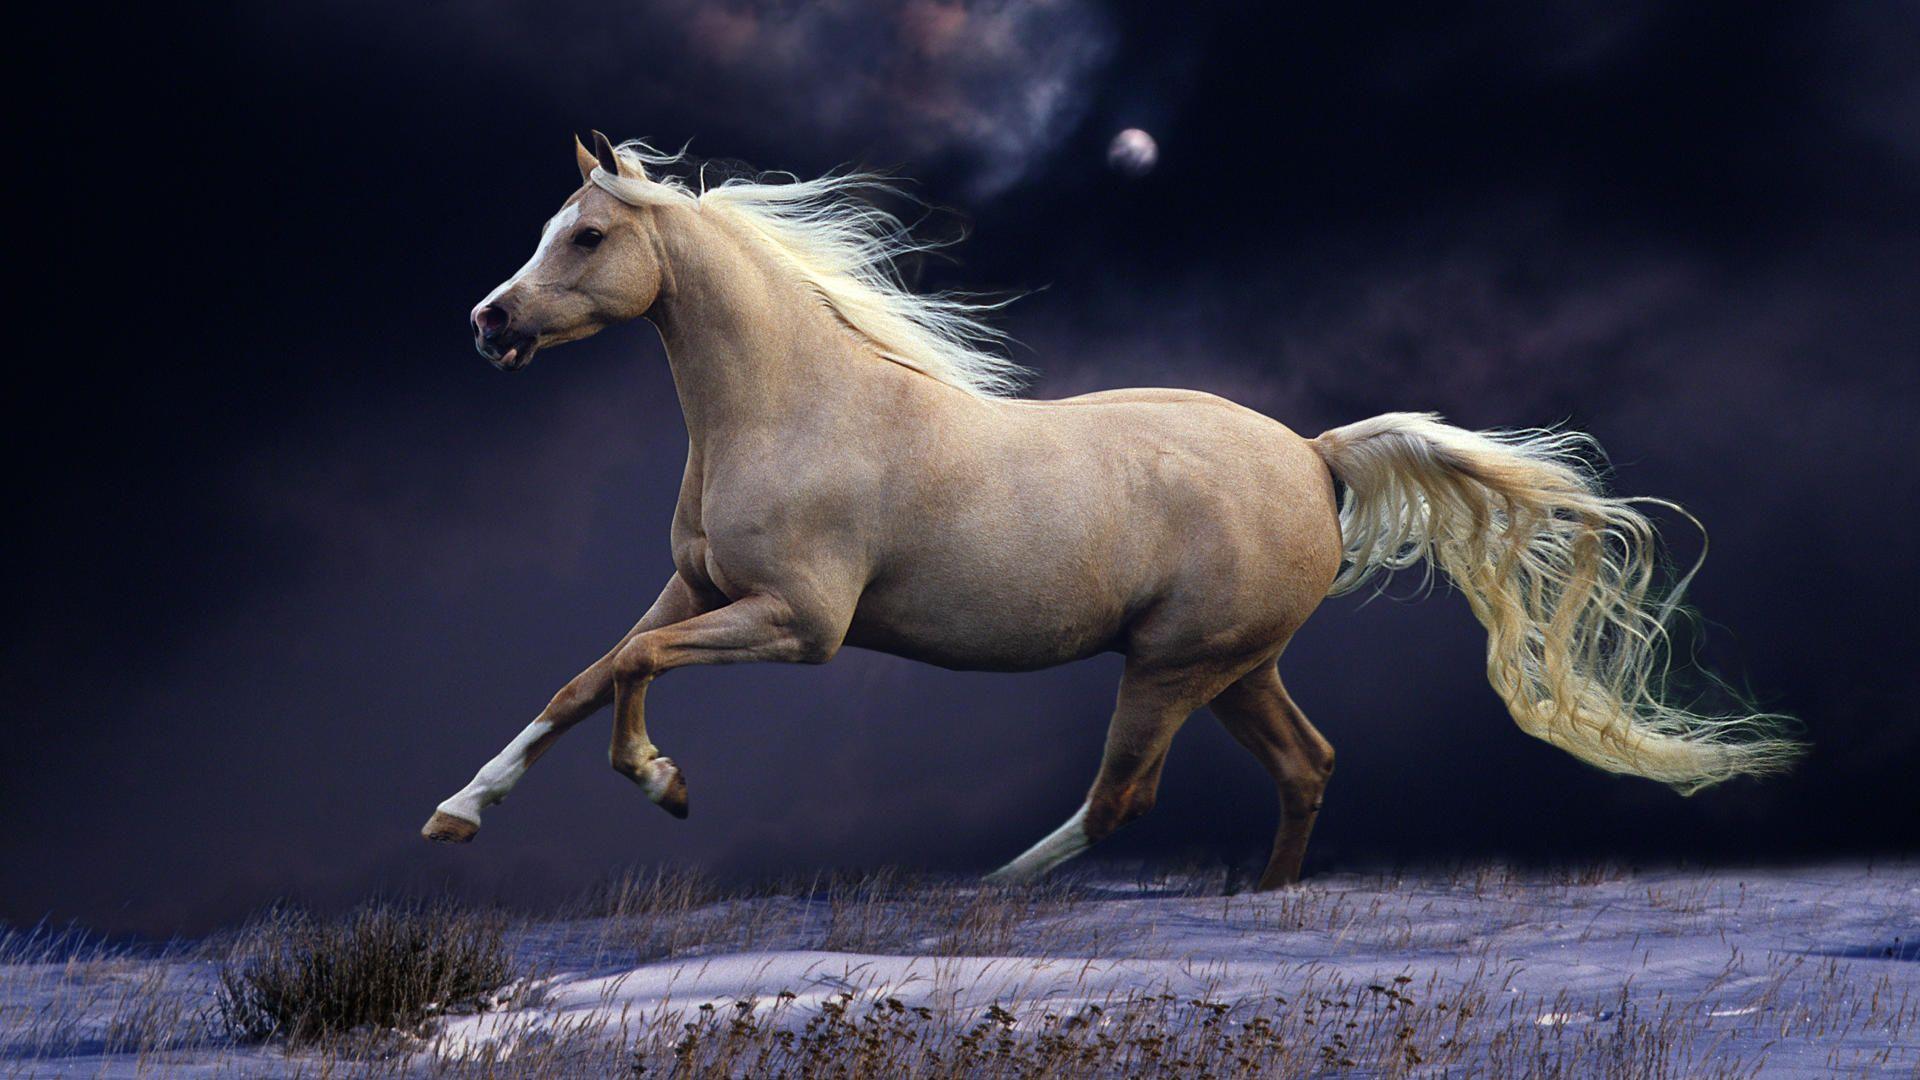 Cool Wallpaper Horse Beauty - 6057421839b4d76909c047869413484b  Snapshot_3853.jpg